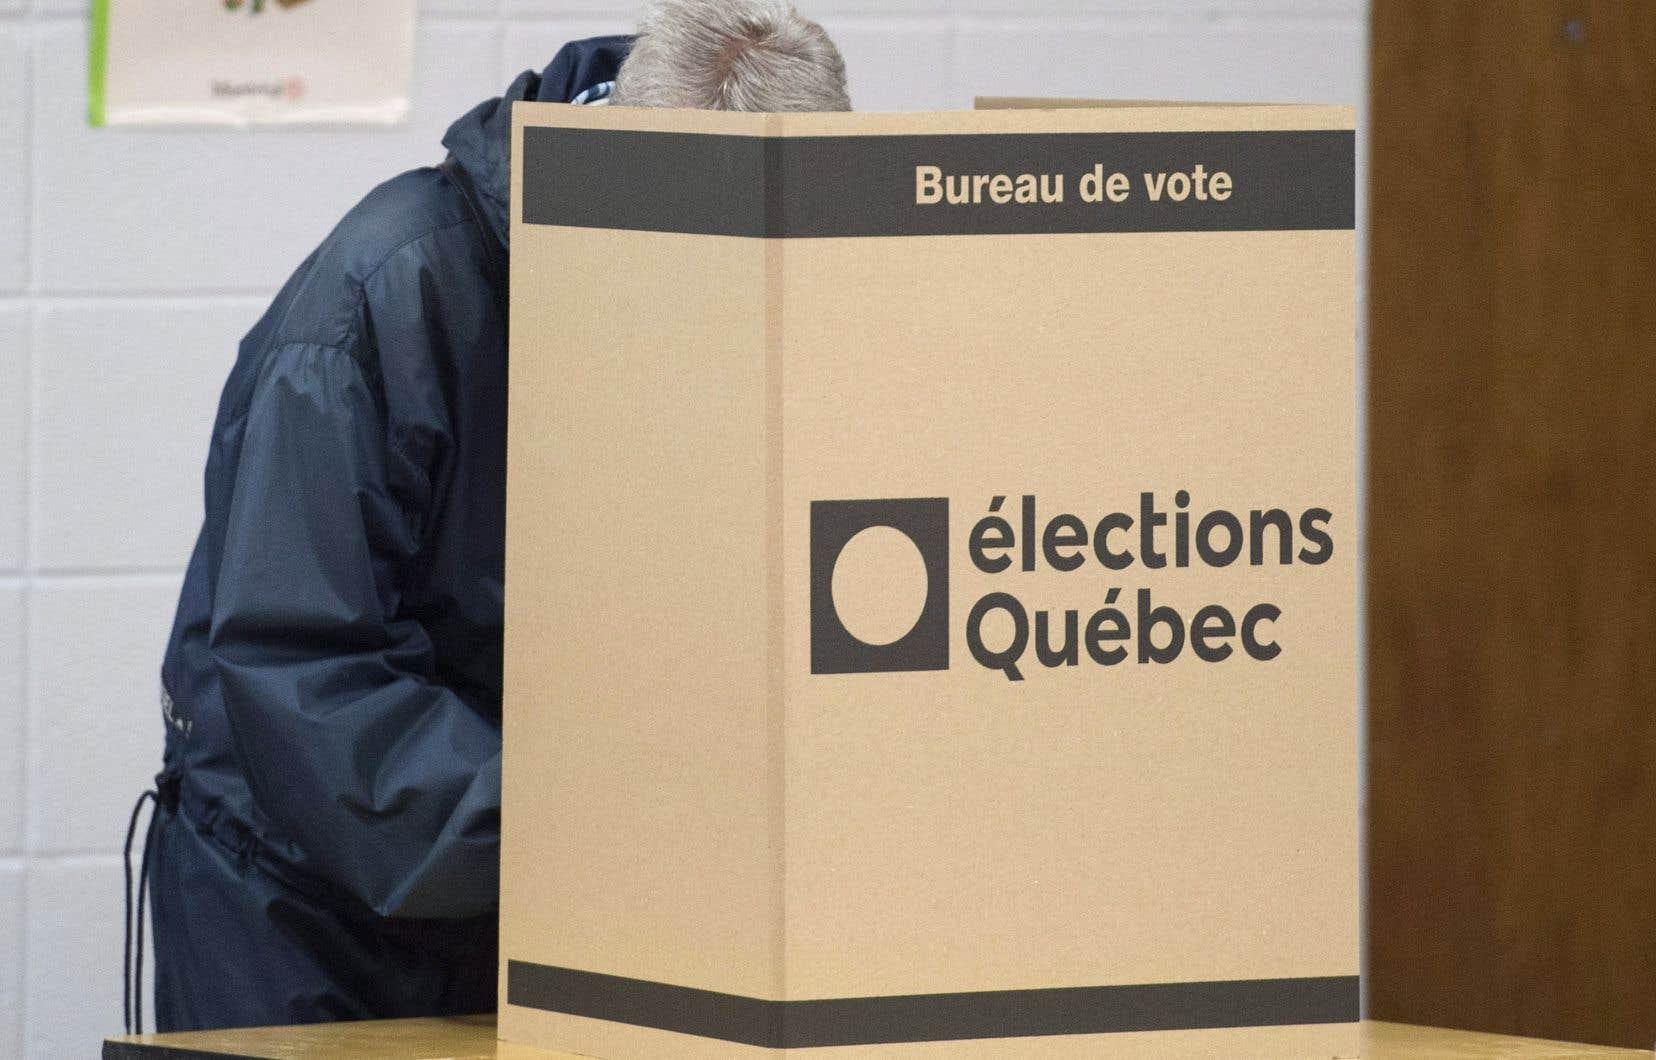 La distorsion principale de la représentation des citoyens ne vient pas du mode de scrutin, mais du rôle que jouent les partis politiques dans la représentation électorale et parlementaire, croit l'auteur.